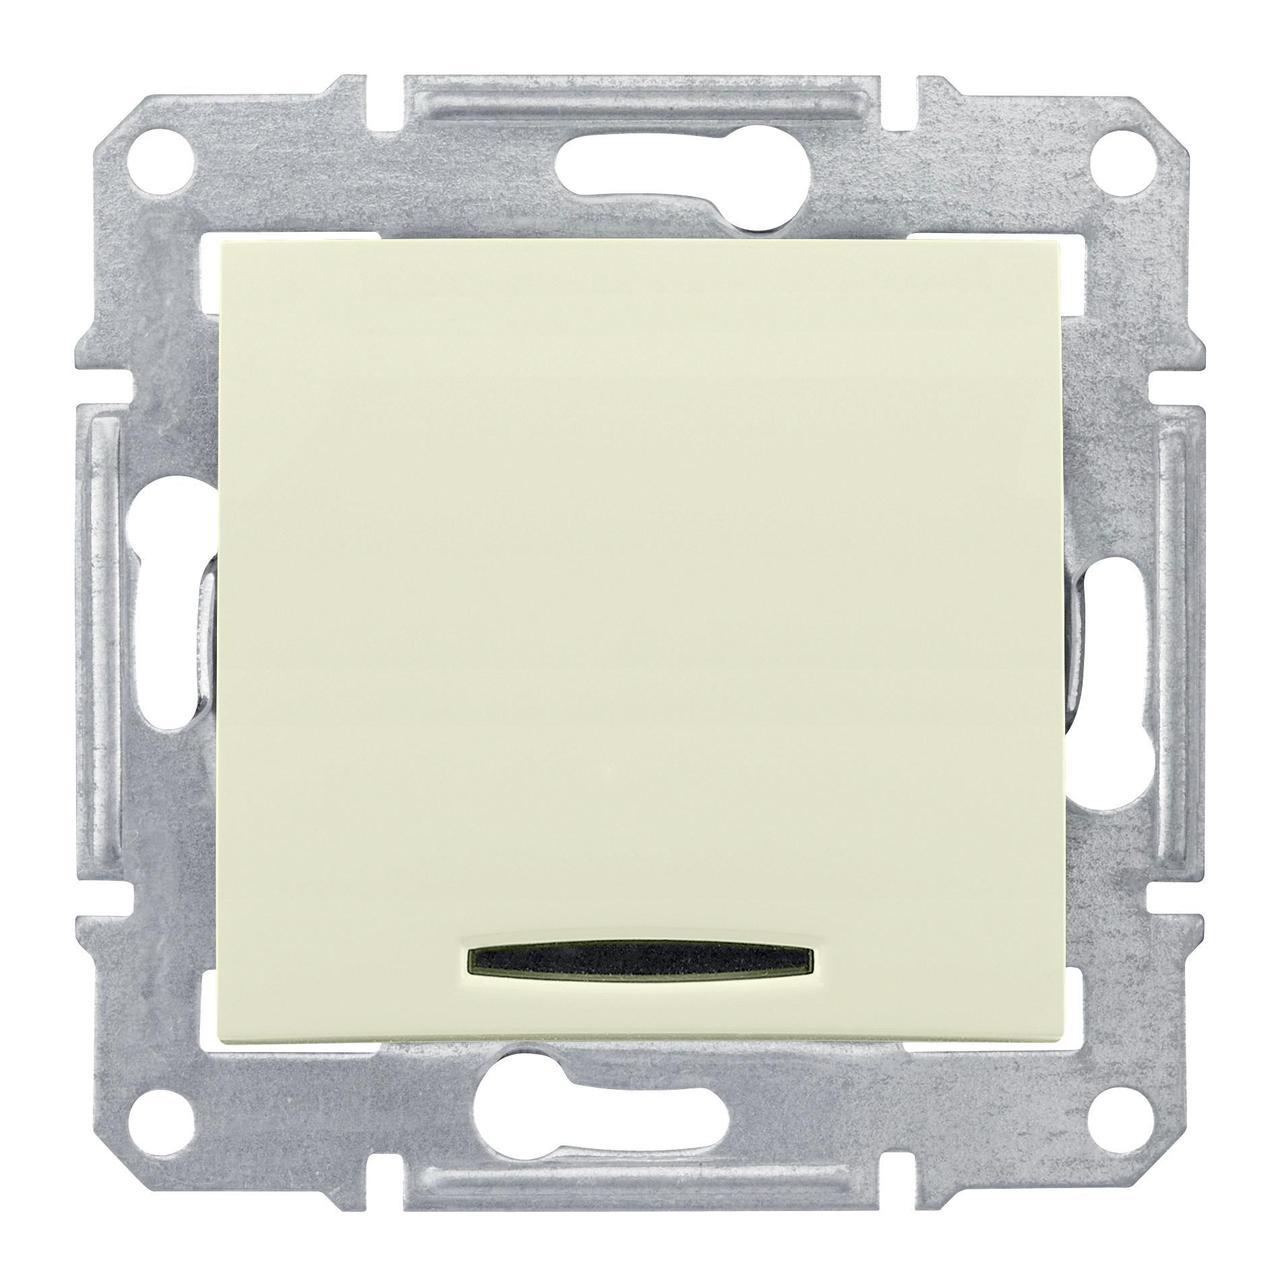 Выключатель 1-клавишный ,проходной с подсветкой (с двух мест) , Бежевый, серия Sedna, Schneider Electric